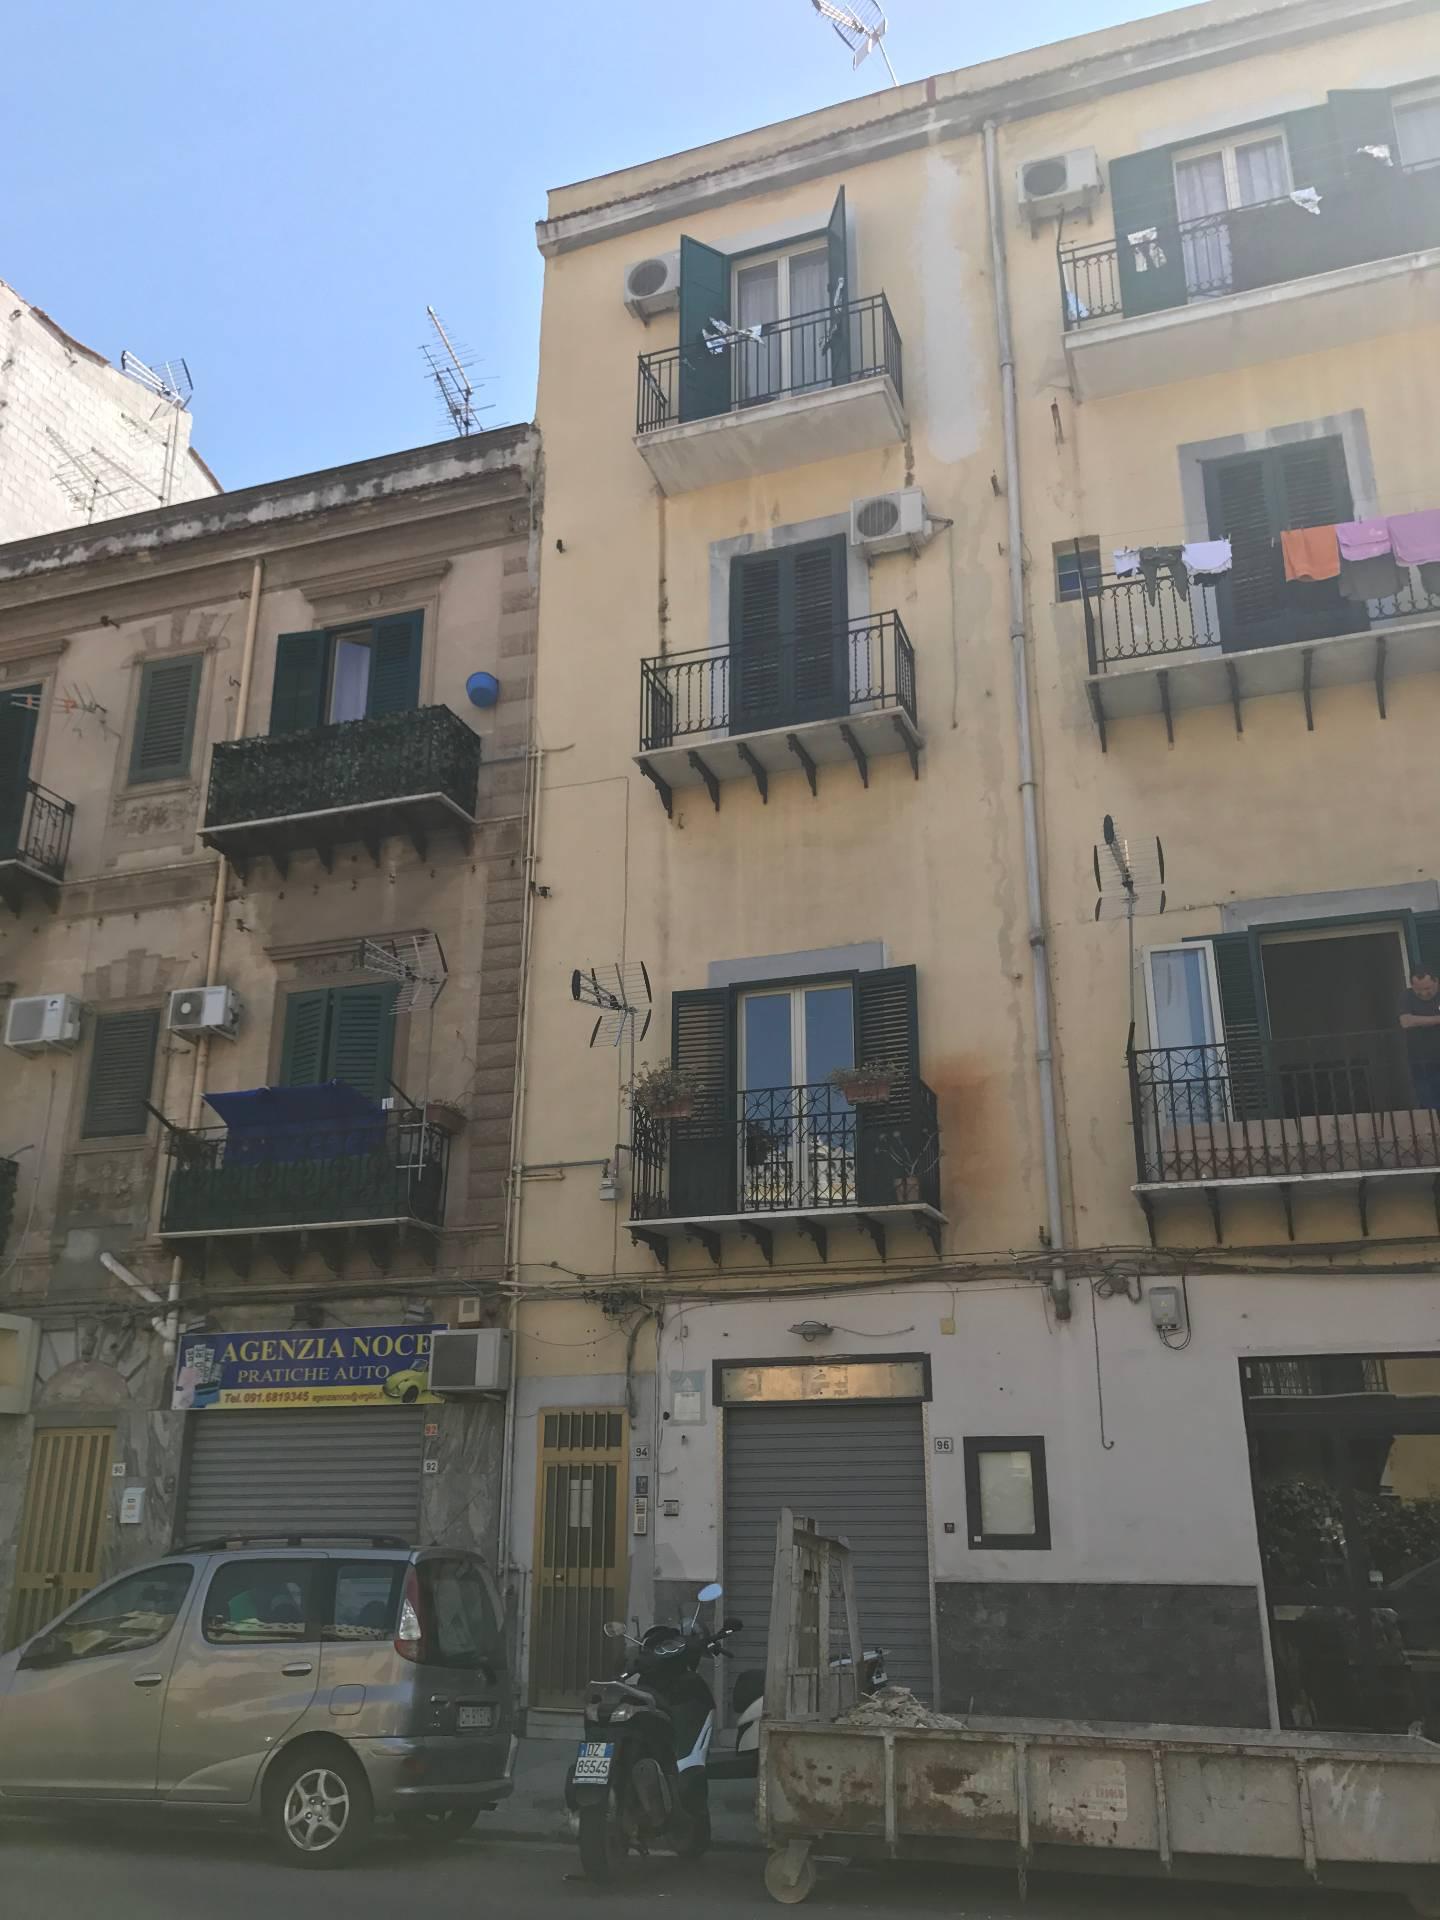 Appartamento in affitto a Palermo, 3 locali, zona Zona: Noce, prezzo € 500 | Cambio Casa.it